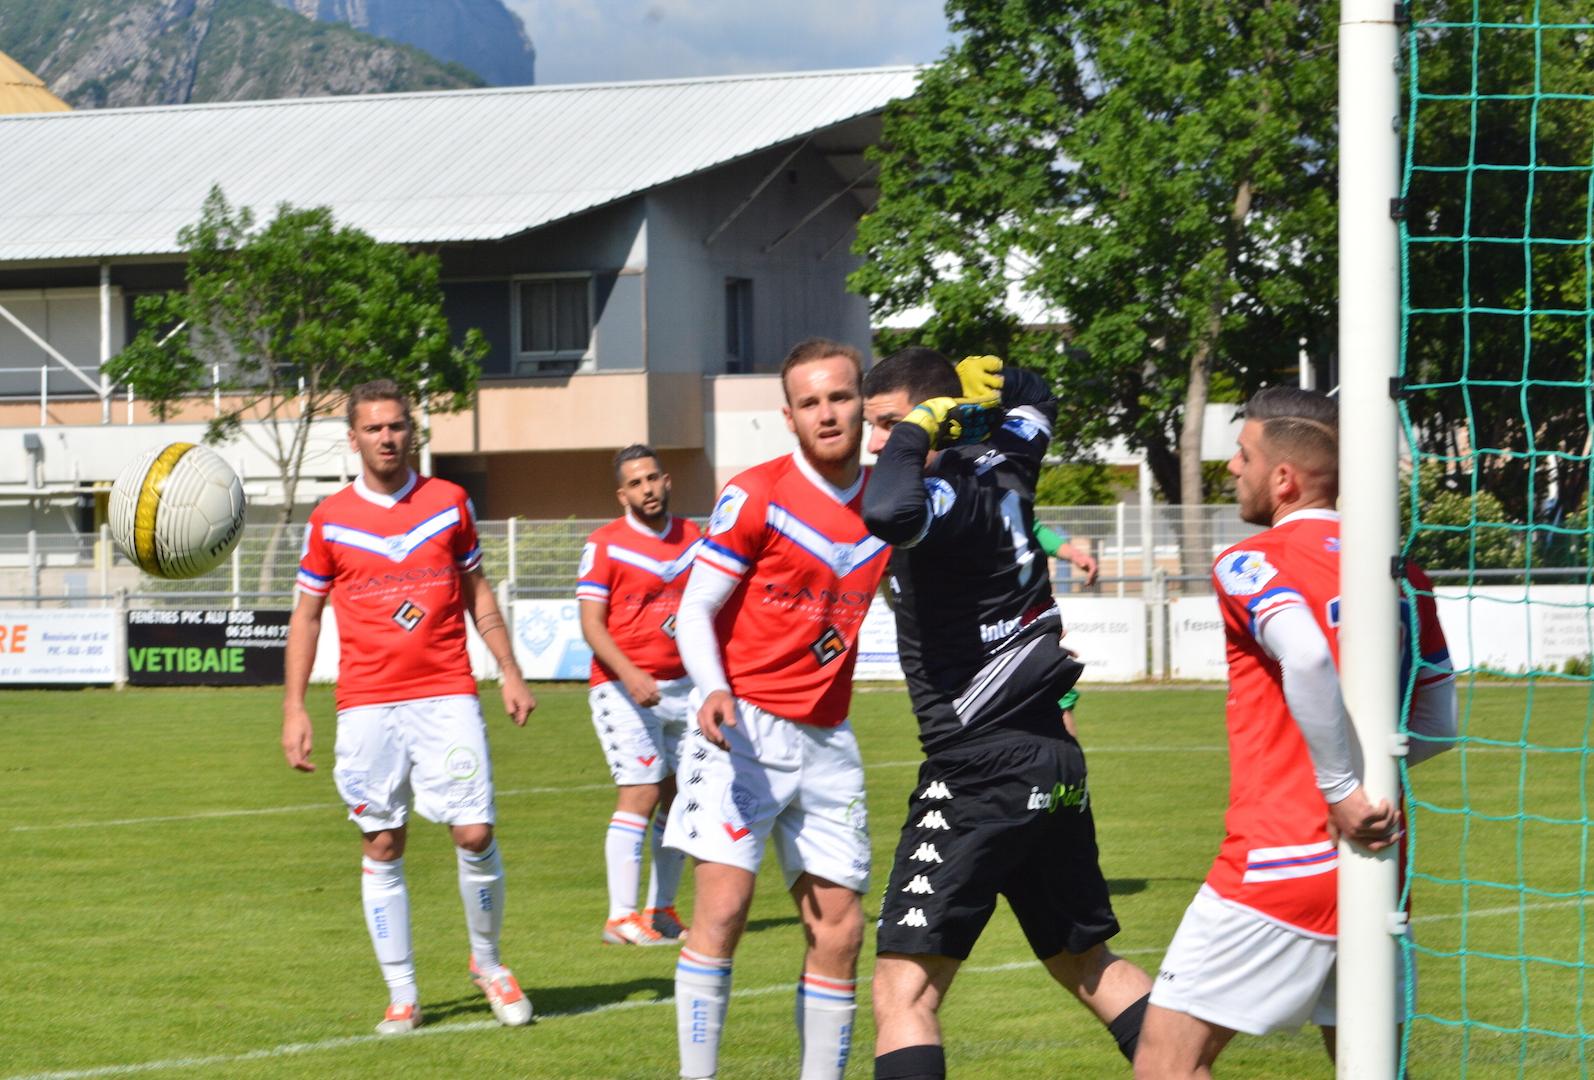 Objectif 6e tour pour le FC Charvieu-Chavagneux - Metro-Sports - Métro-Sports